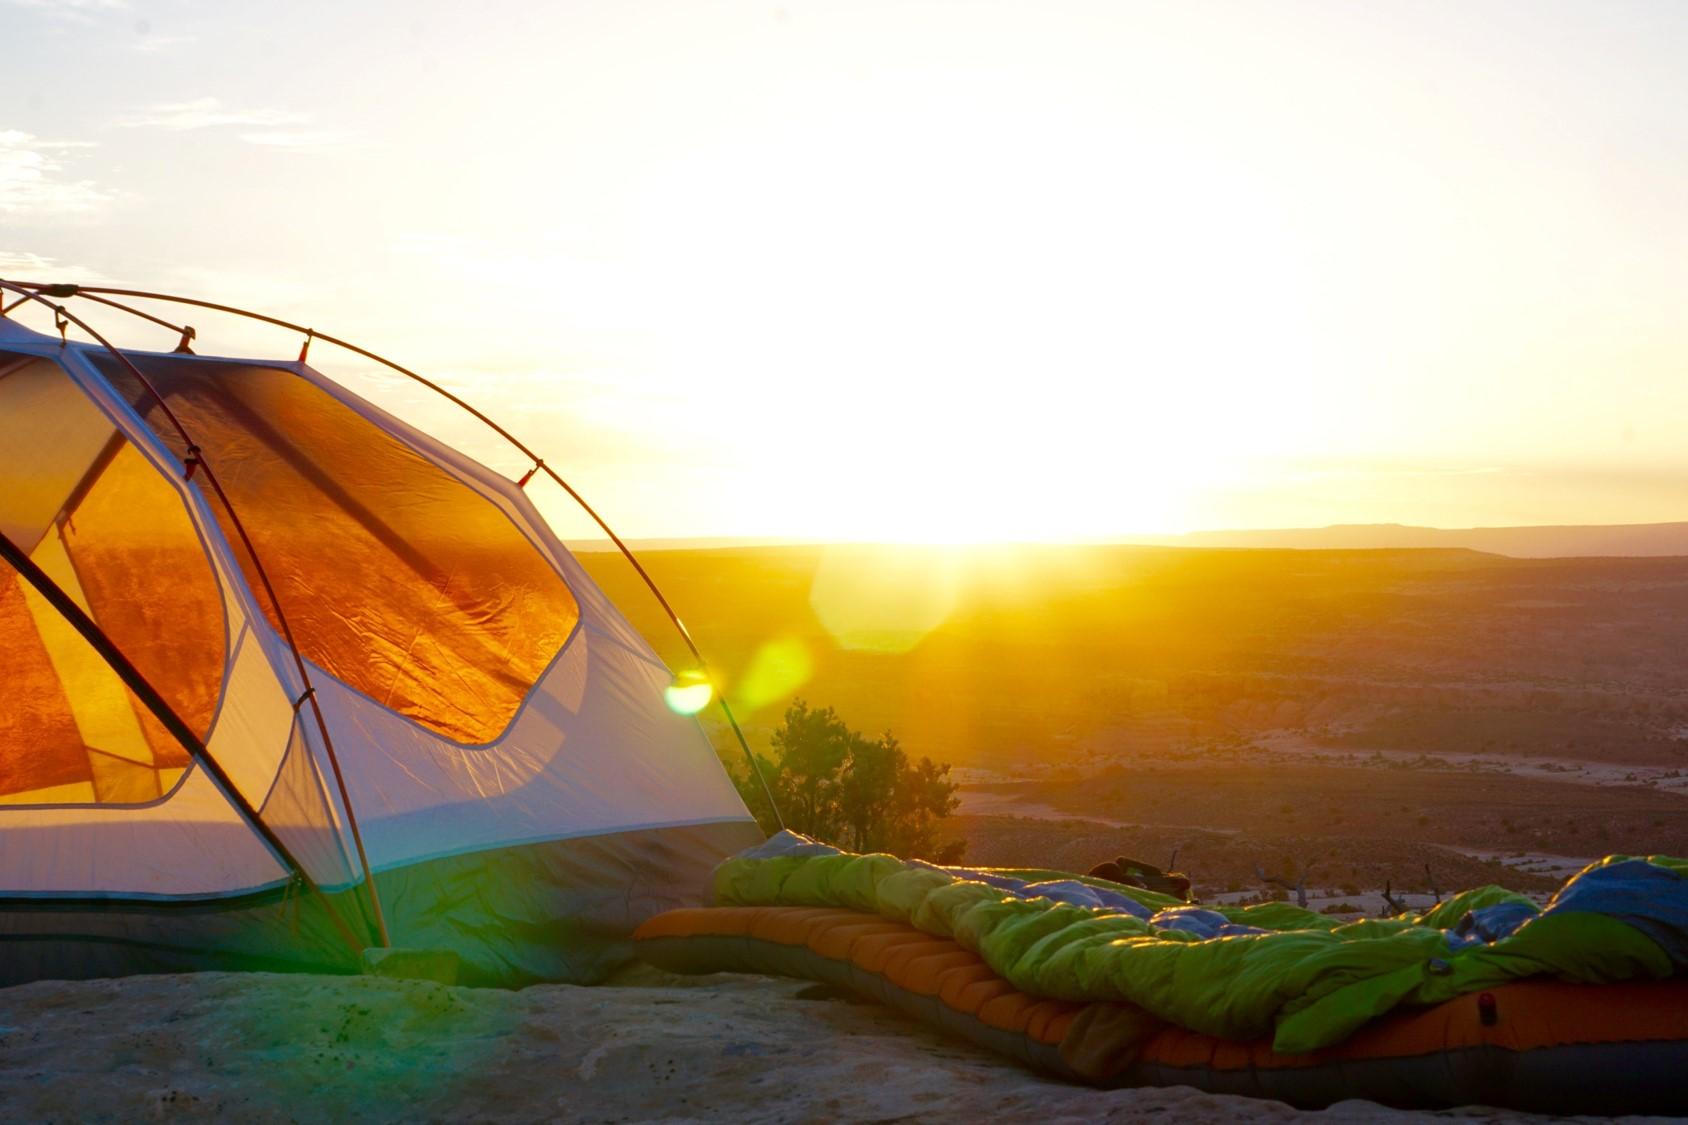 Poszukiwani producenci namiotów